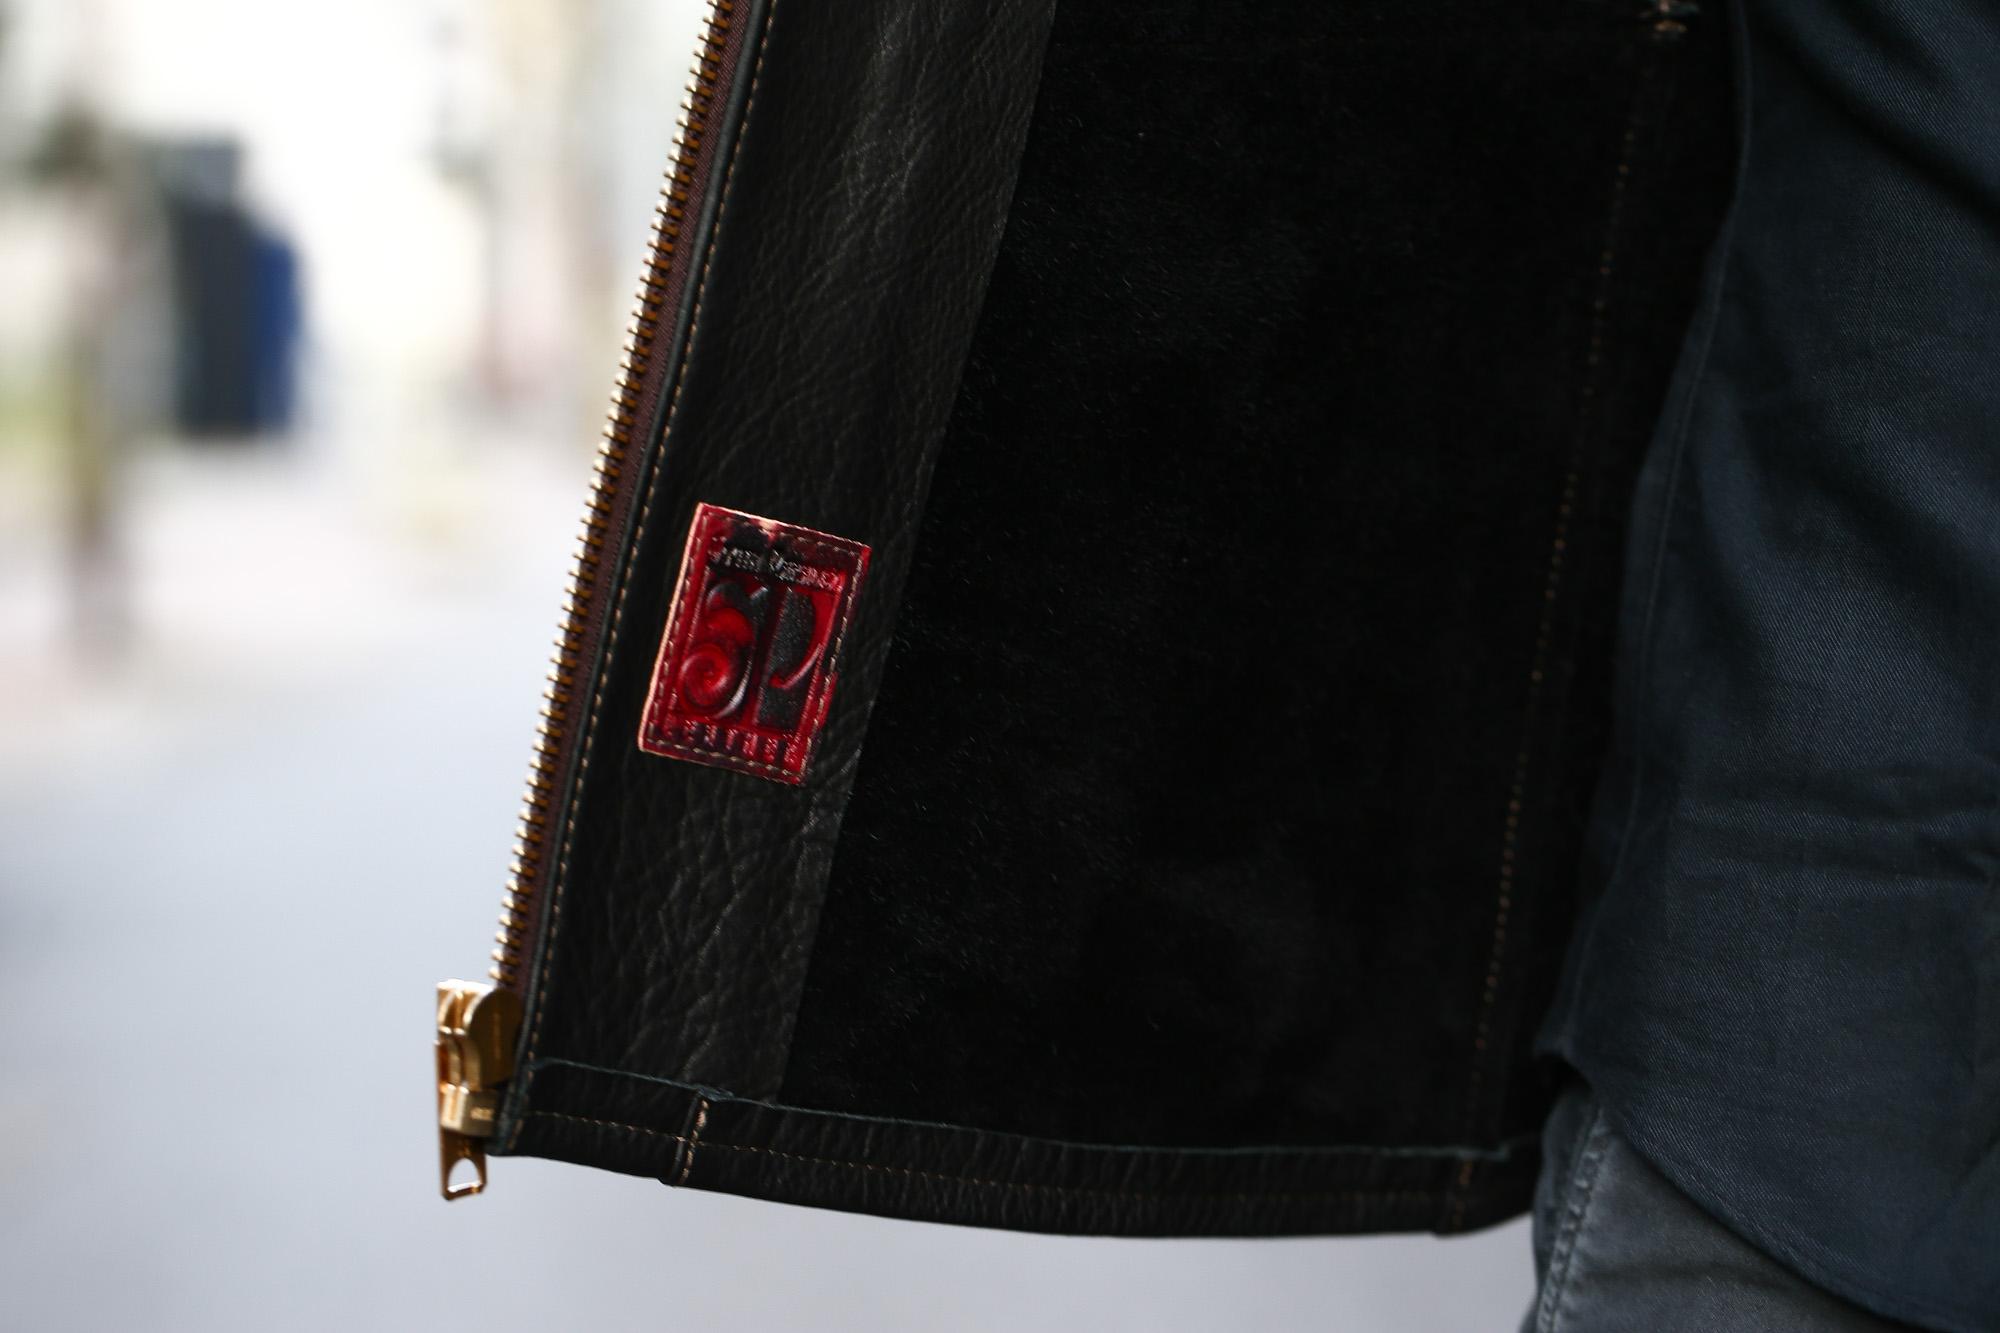 South Paradiso Leather (サウスパラディソレザー) SMOKE スモーク East West イーストウエスト Cow Hide Leather カウハイドレザー レザージャケット BLACK (ブラック) MADE IN USA (アメリカ製) のコーディネート画像。愛知 名古屋 ZODIAC ゾディアック パラディソ イーストウエスト スモーク ヴィンテージ アドラー アードラー ウィンチェスター イルミナティレインボーシャツ レザー 革ジャン